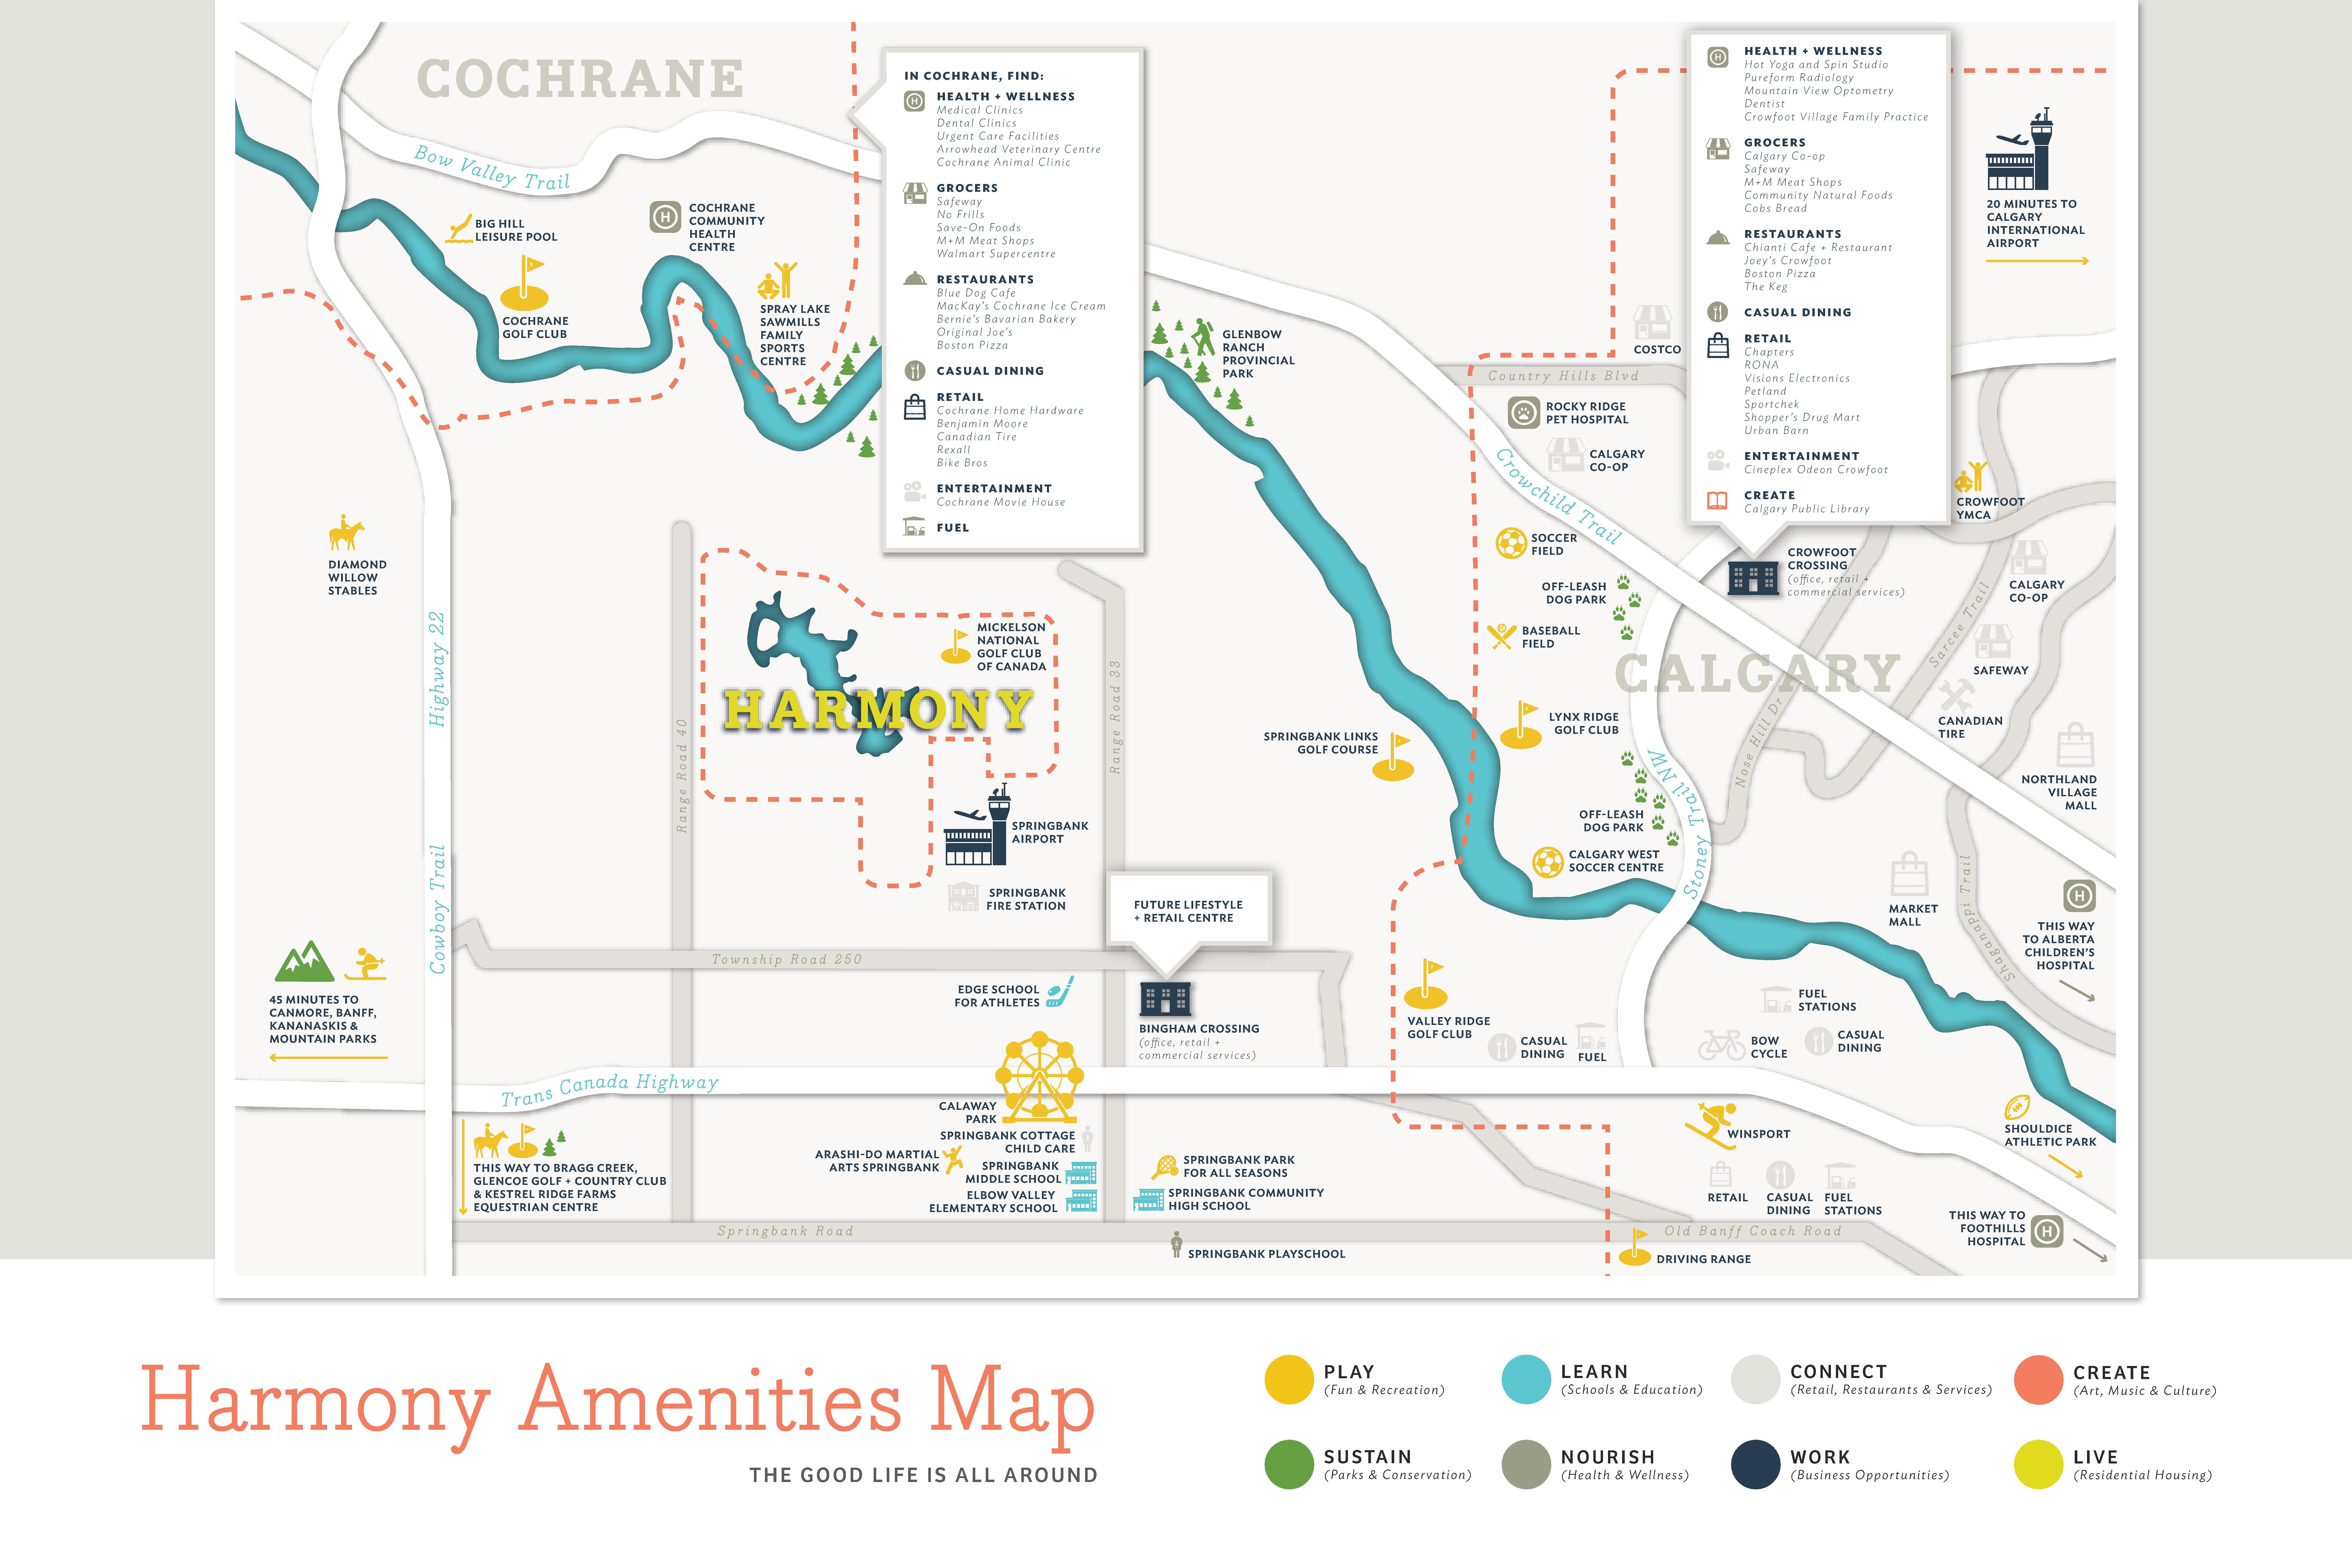 NextBigMoveCalgary Harmony map